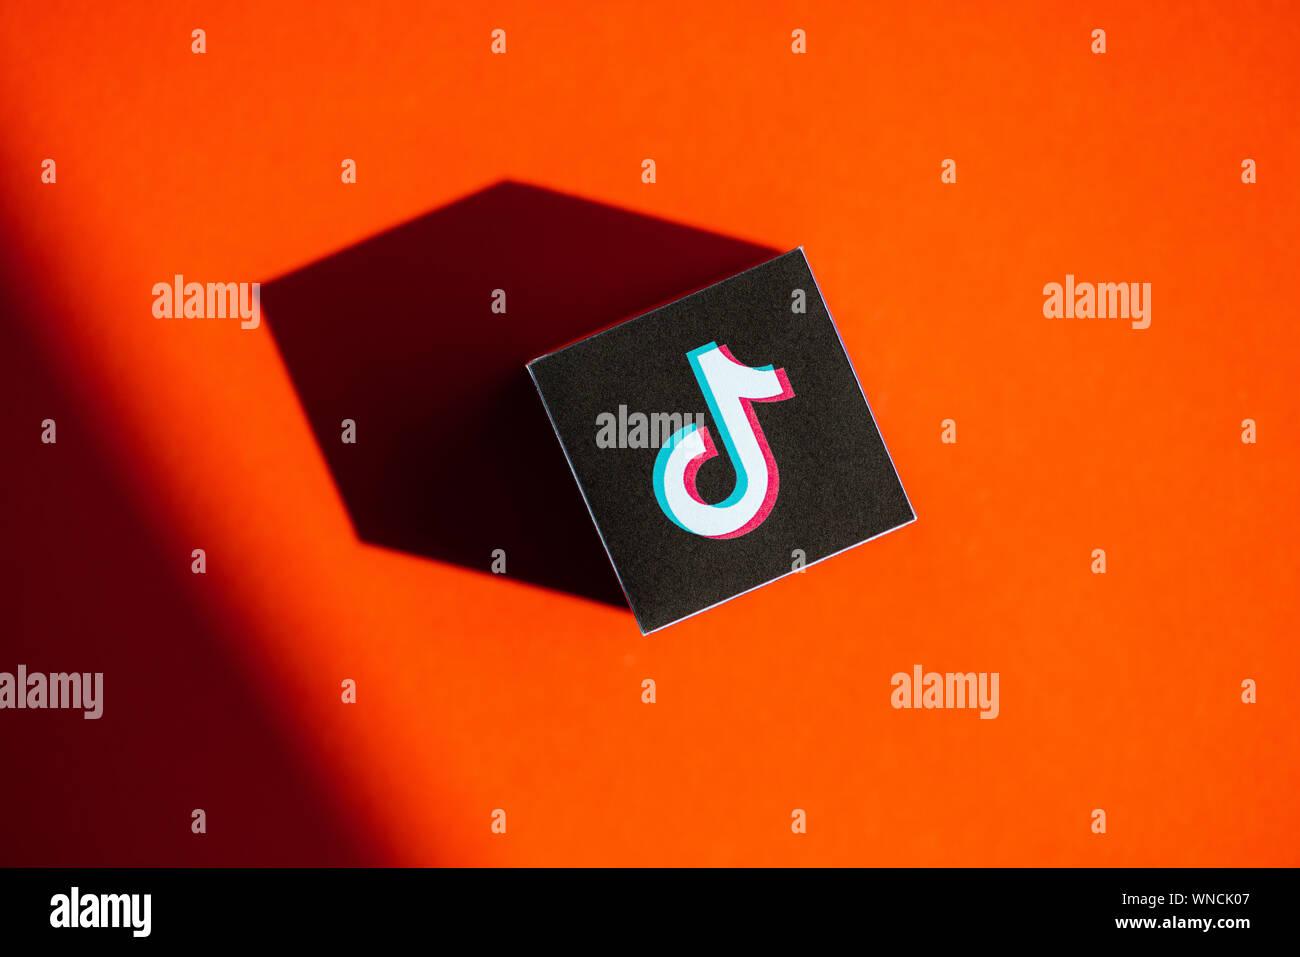 Un coup de feu au-dessus du cube papier imprimé avec le logo de l'application, qui a placé TikTok sur fond orange. Banque D'Images